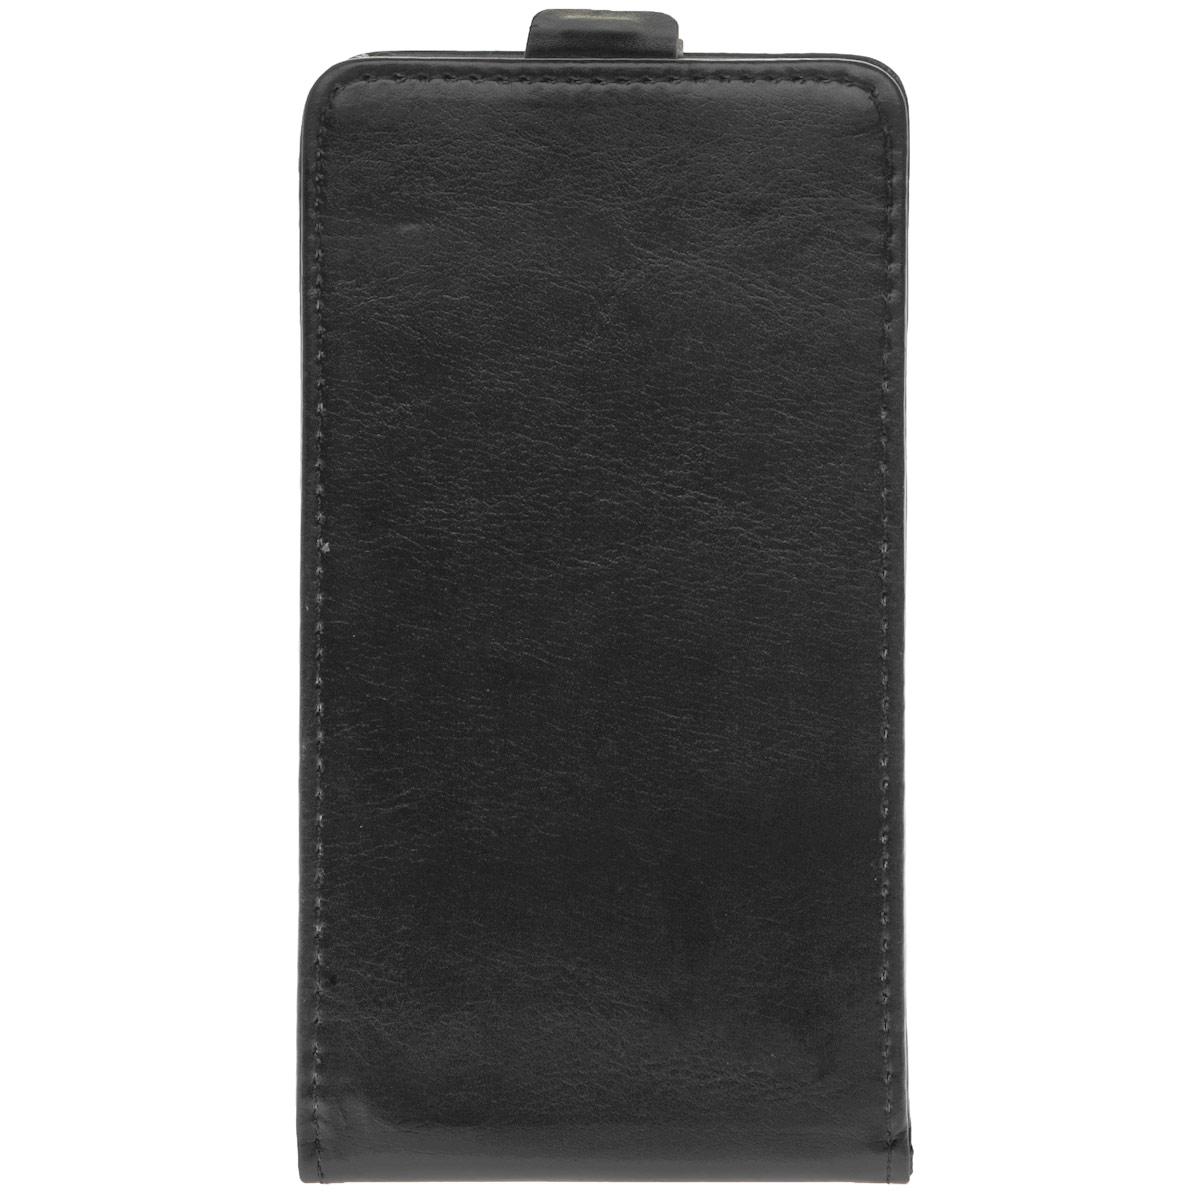 Skinbox Flip Case чехол для Samsung Galaxy A7, BlackT-F-SGA7Чехол Skinbox Flip Case для Samsung Galaxy A7 выполнен из высококачественного поликарбоната и экокожи. Он обеспечивает надежную защиту корпуса и экрана смартфона и надолго сохраняет его привлекательный внешний вид. Чехол также обеспечивает свободный доступ ко всем разъемам и клавишам устройства.